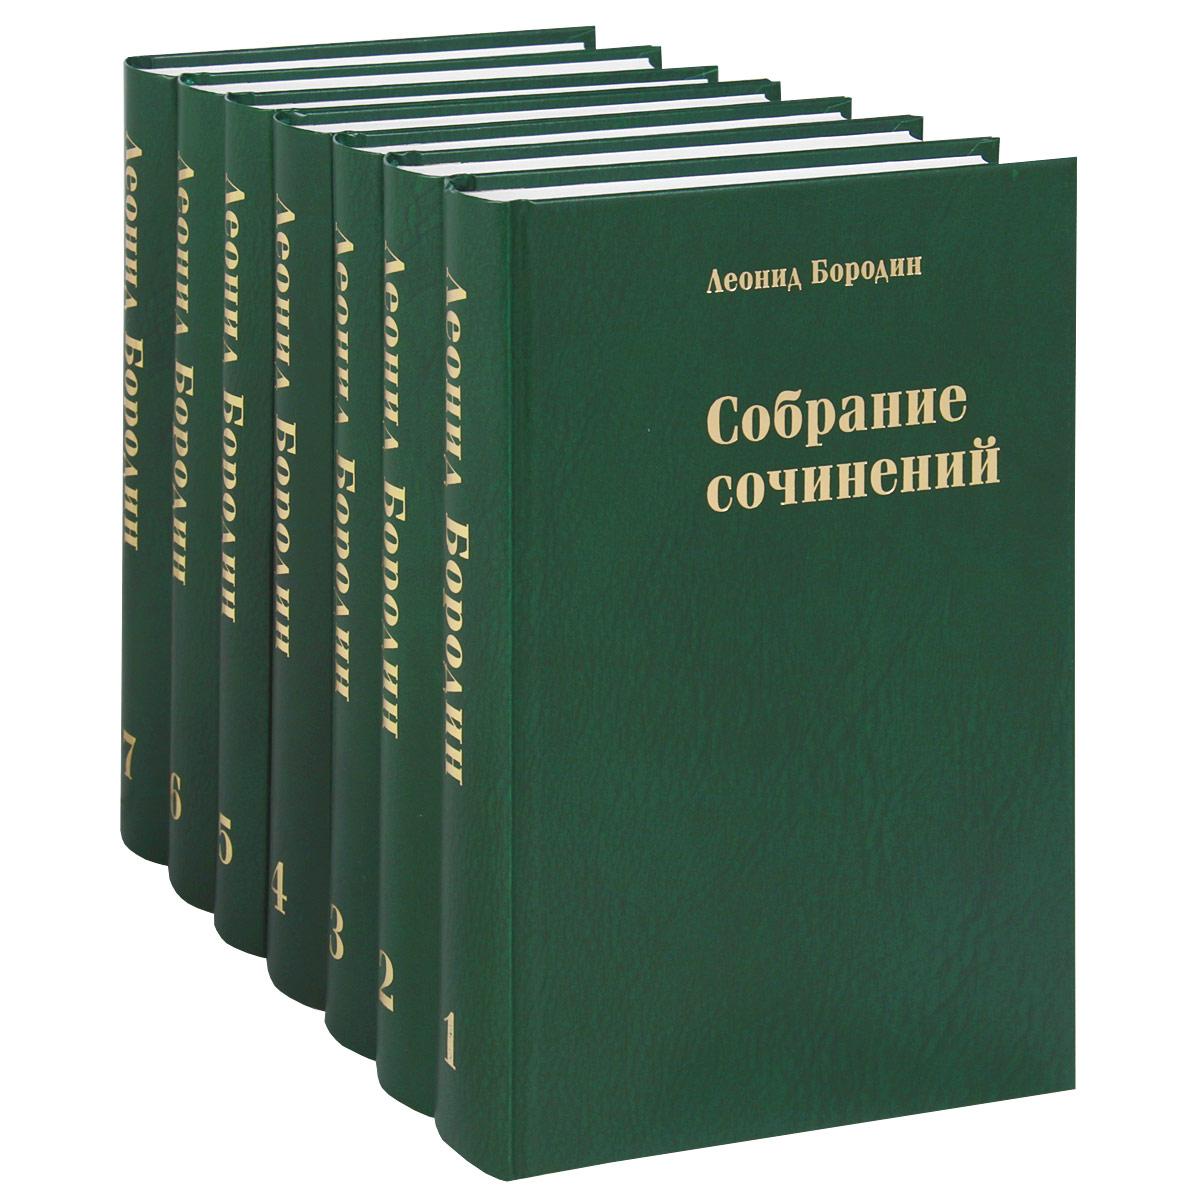 Леонид Бородин Леонид Бородин. Собрание сочинений в 7 томах (комплект)